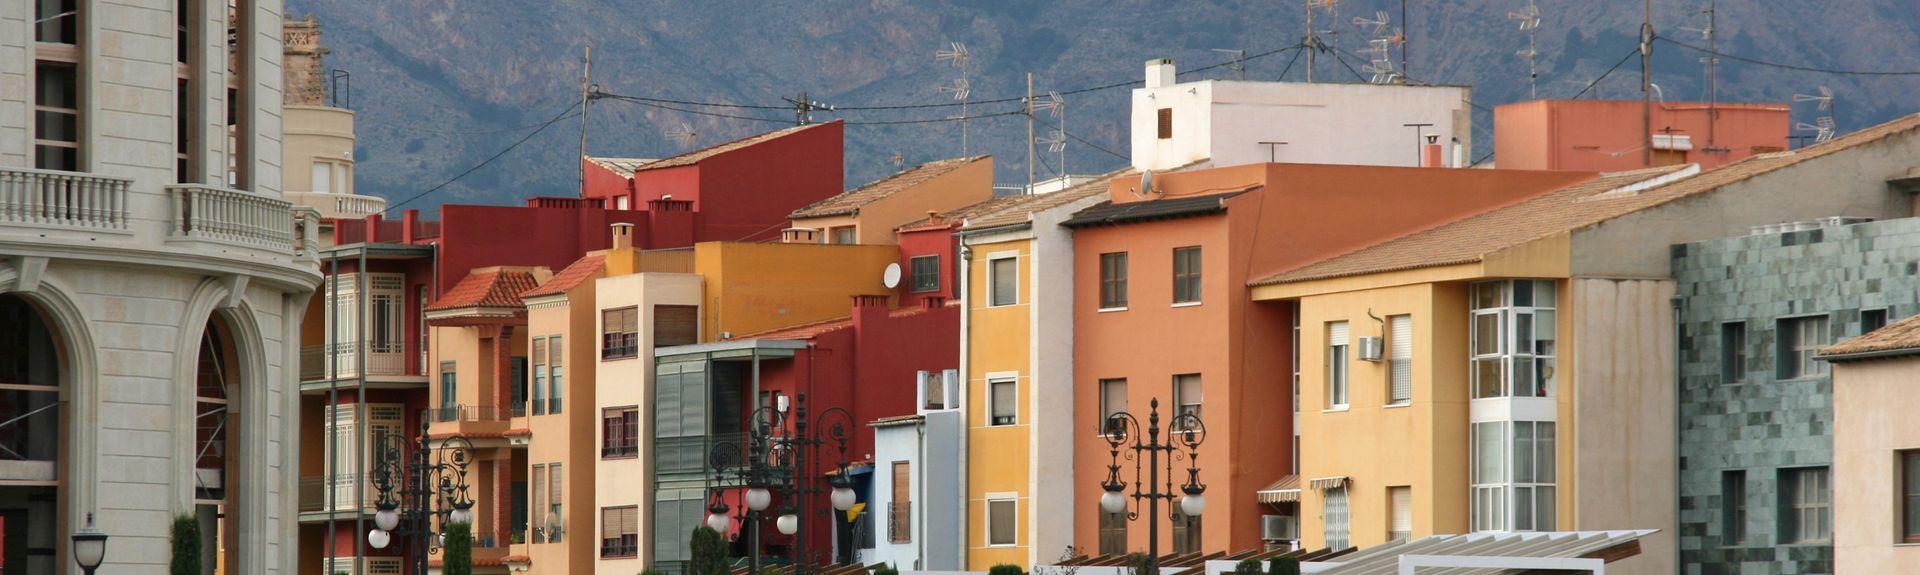 Orihuela, Alicante, Spain